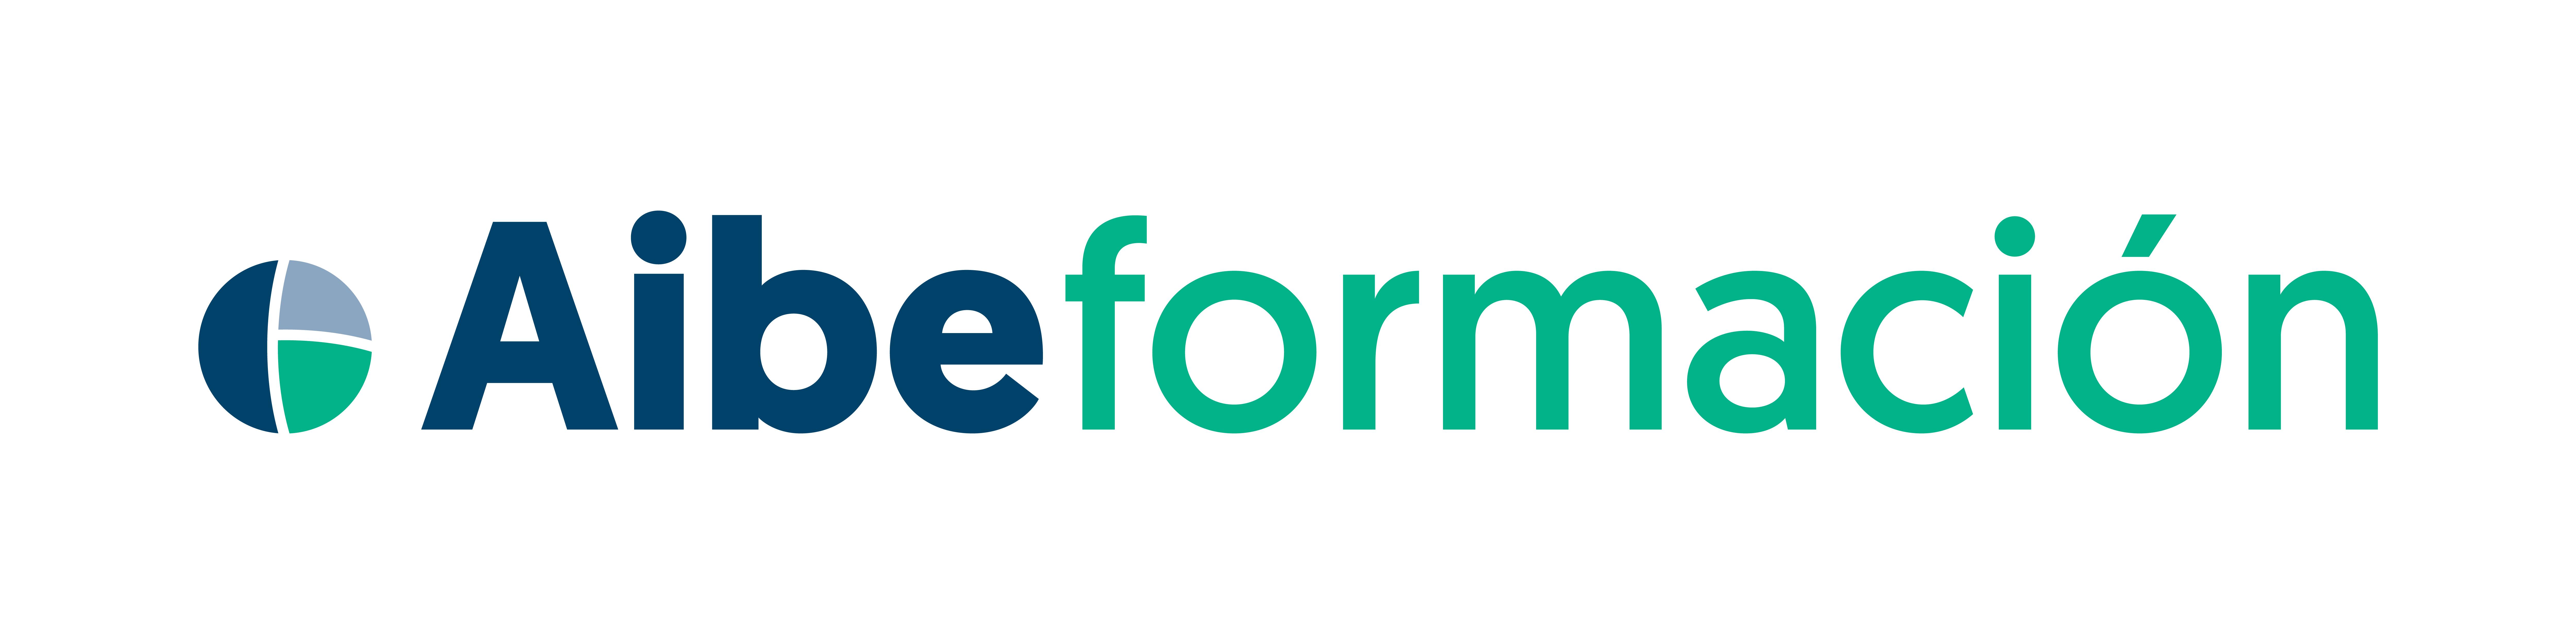 http://www.aibeconsultores.com/wp-content/uploads/2020/06/Logo-Aibeformacion-RGB-Horizontal-Fondo-blanco.jpg